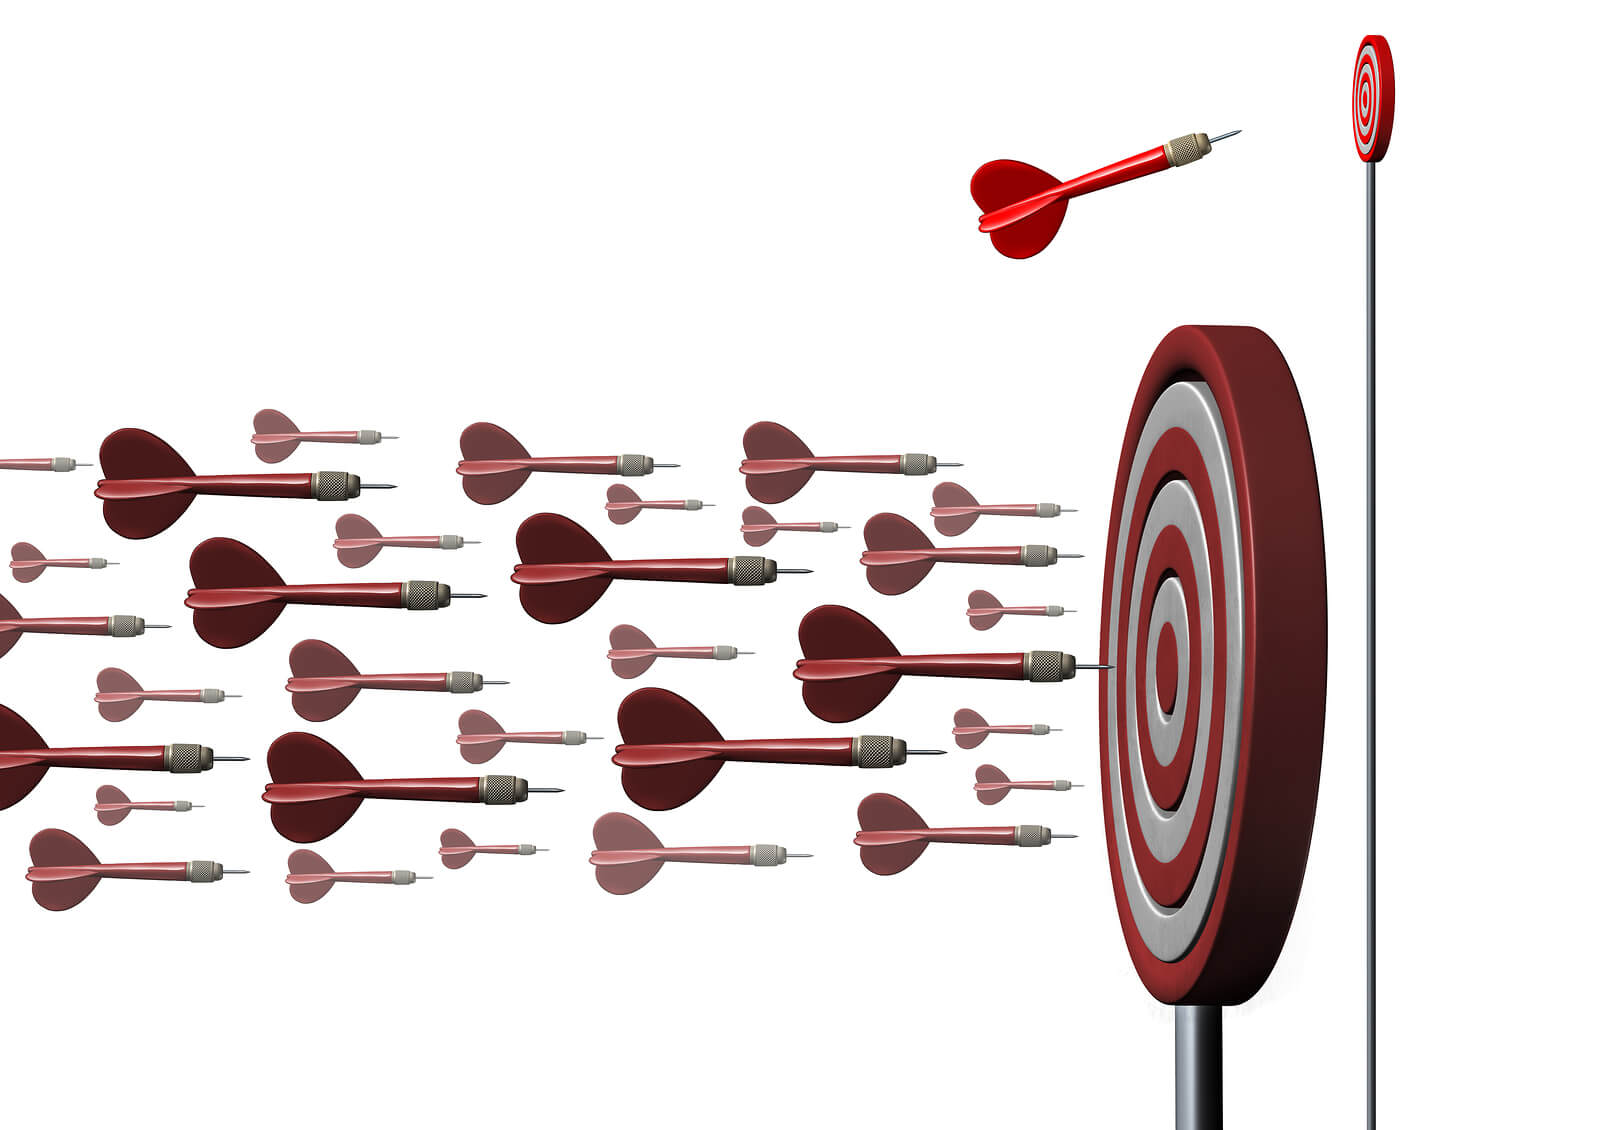 Competencias diferenciadoras: ¿cómo podemos determinar cuáles son?